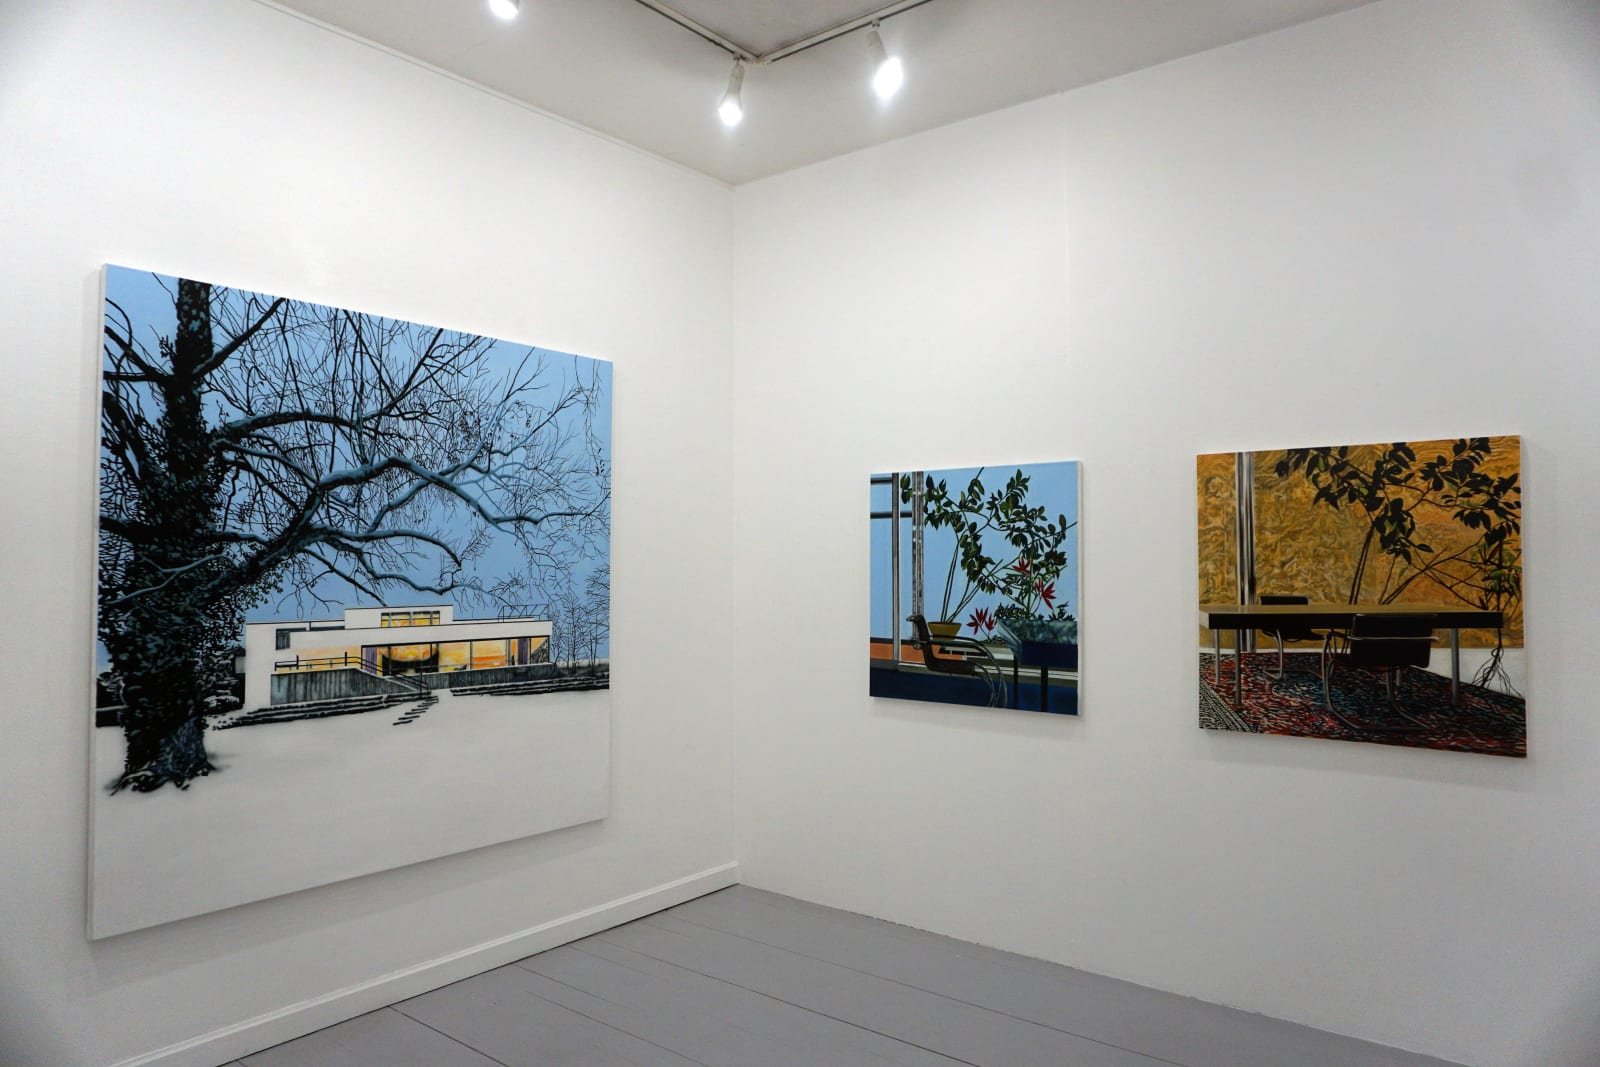 An Ideal Collection, Galleri Christoffer Egelund, 2019